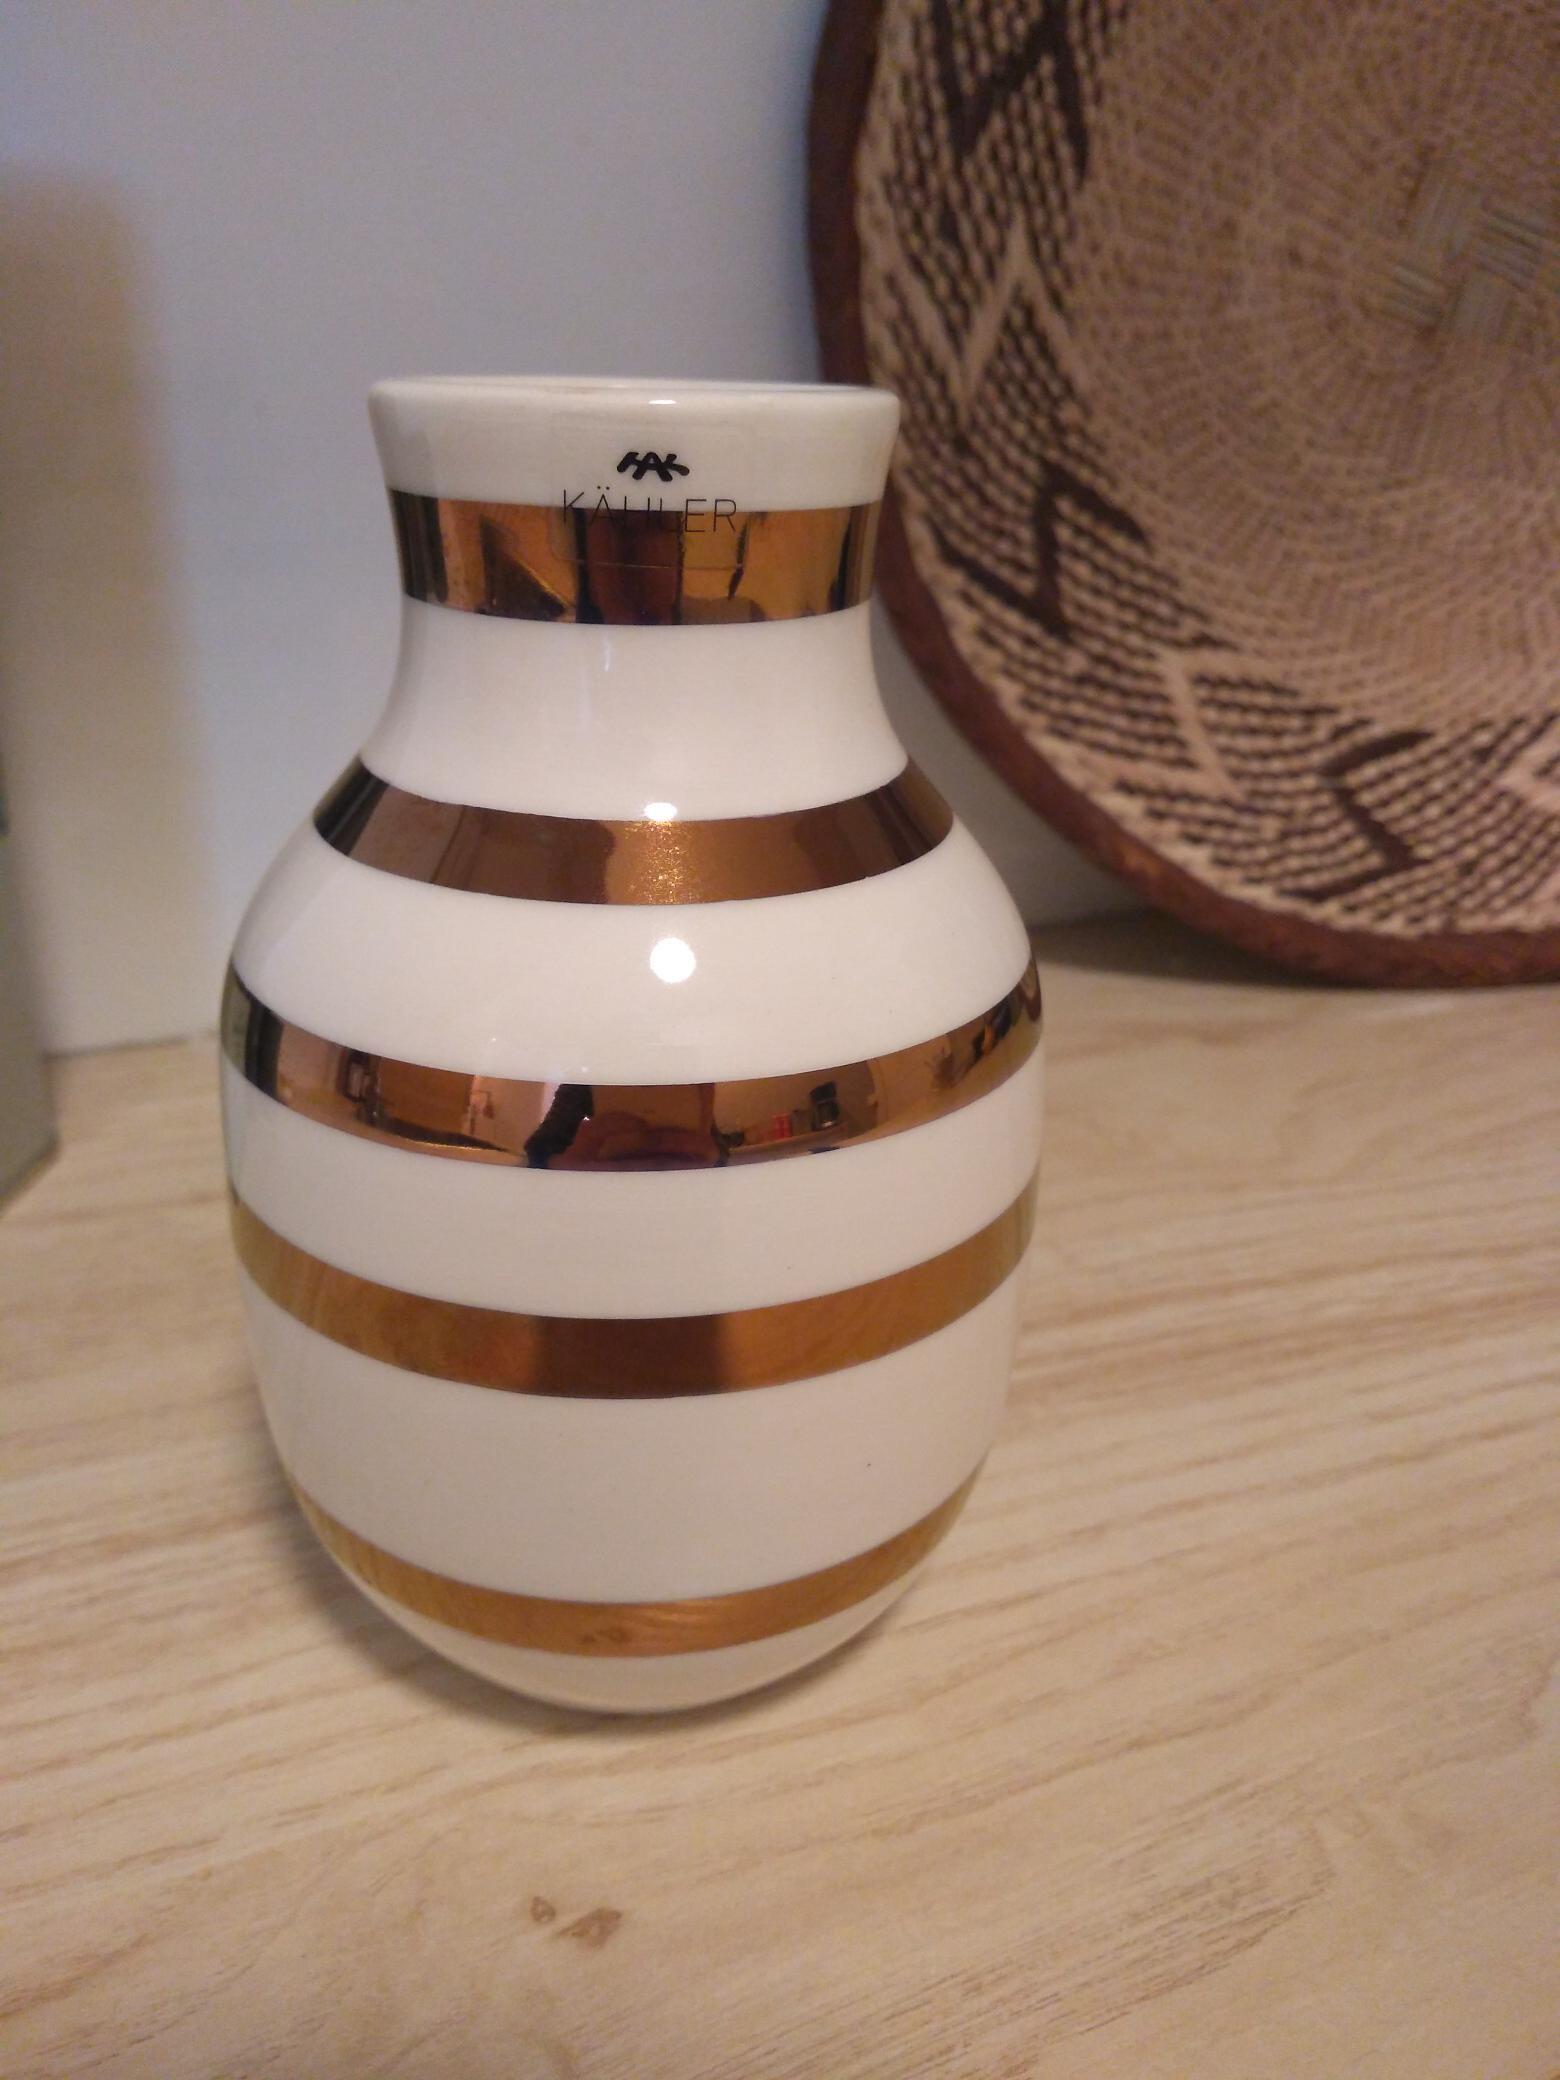 kahler kobber vase